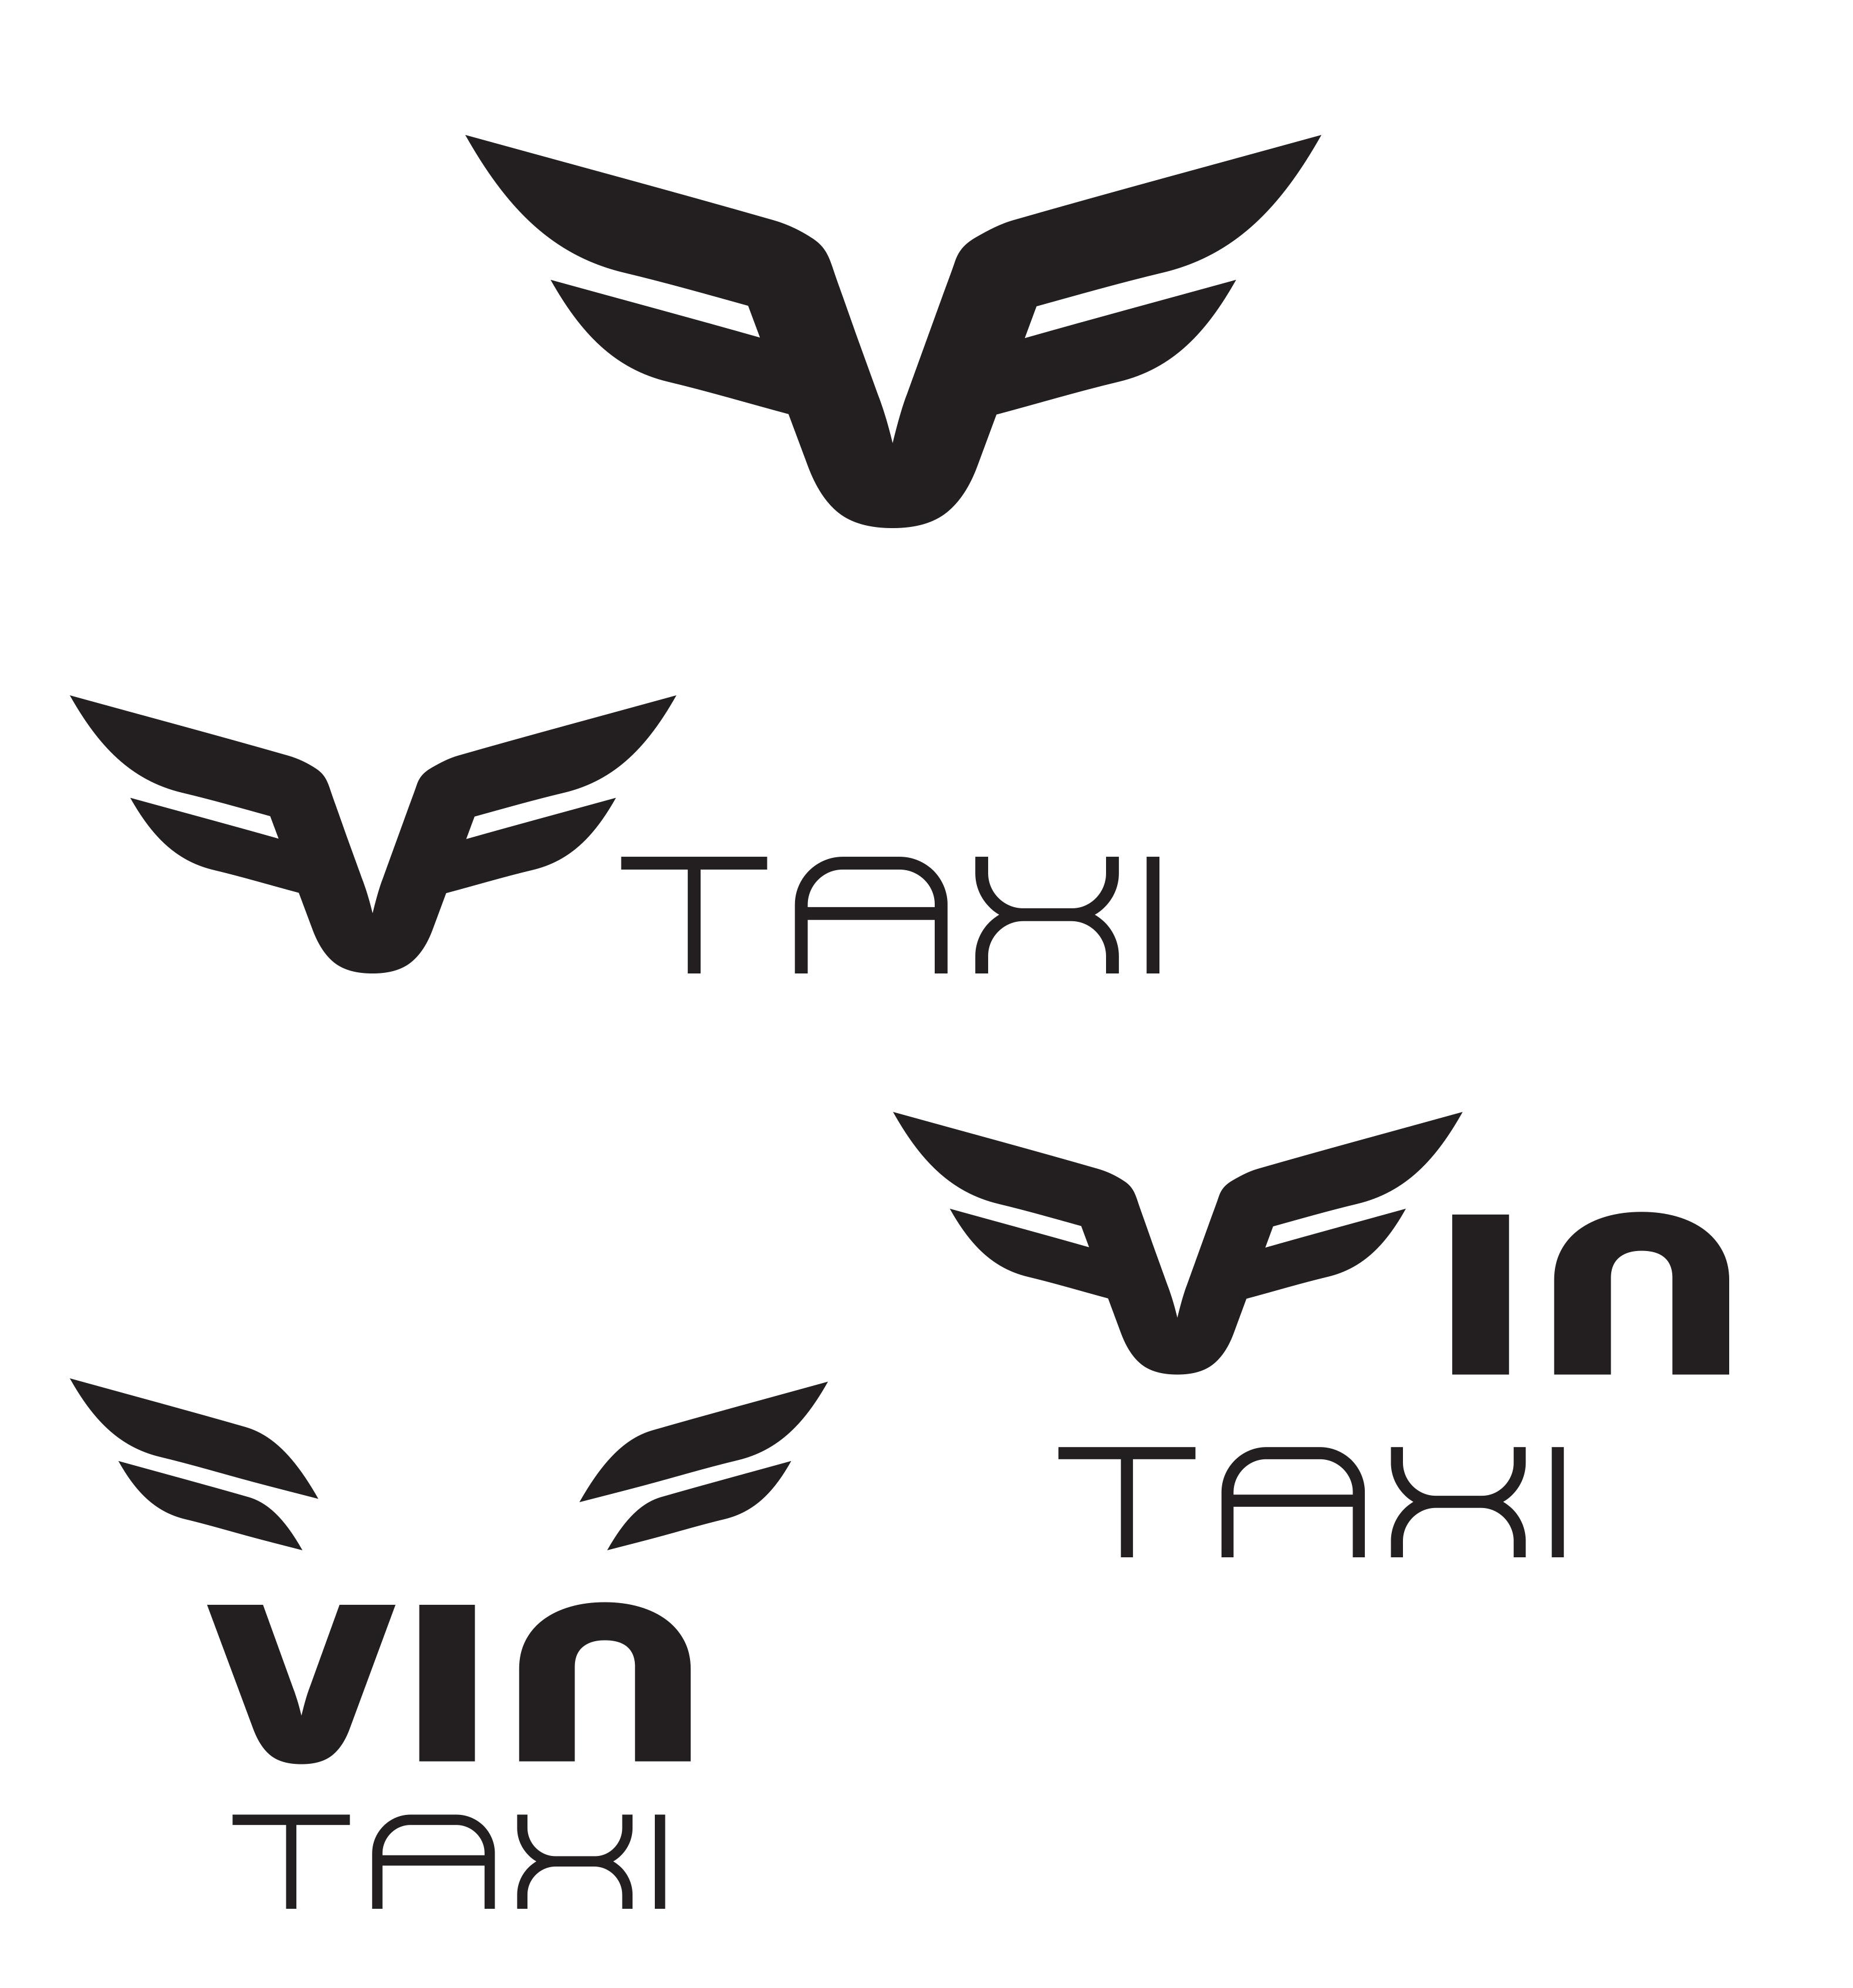 Разработка логотипа и фирменного стиля для такси фото f_6125b9ae24e213cd.jpg